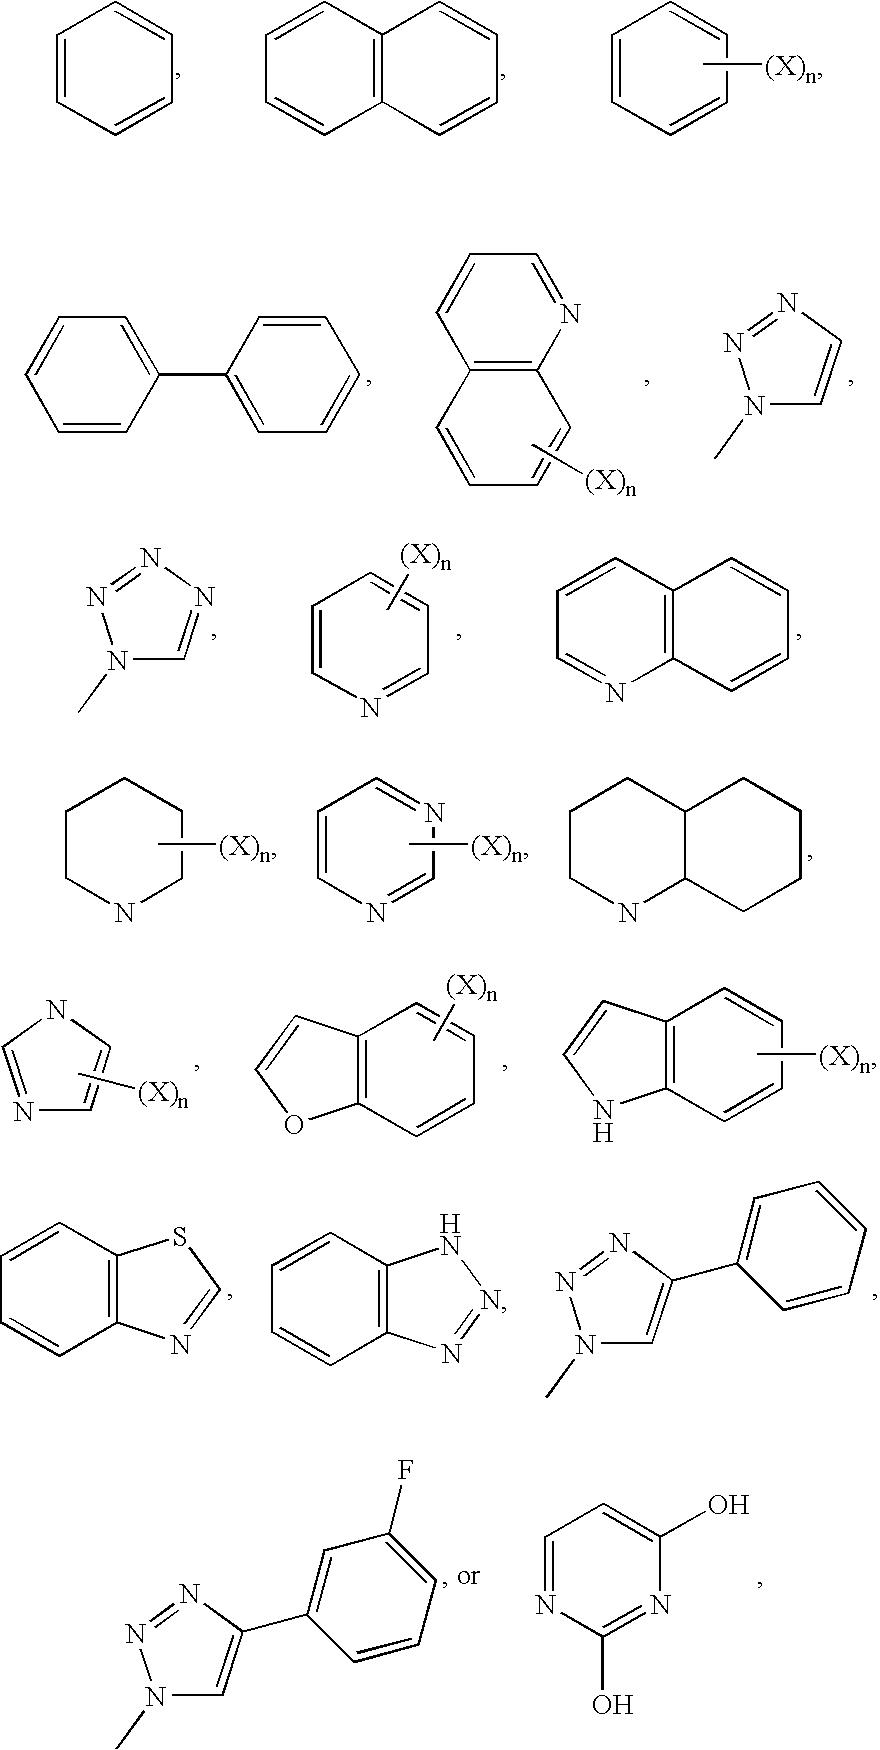 Figure US20070054870A1-20070308-C00044